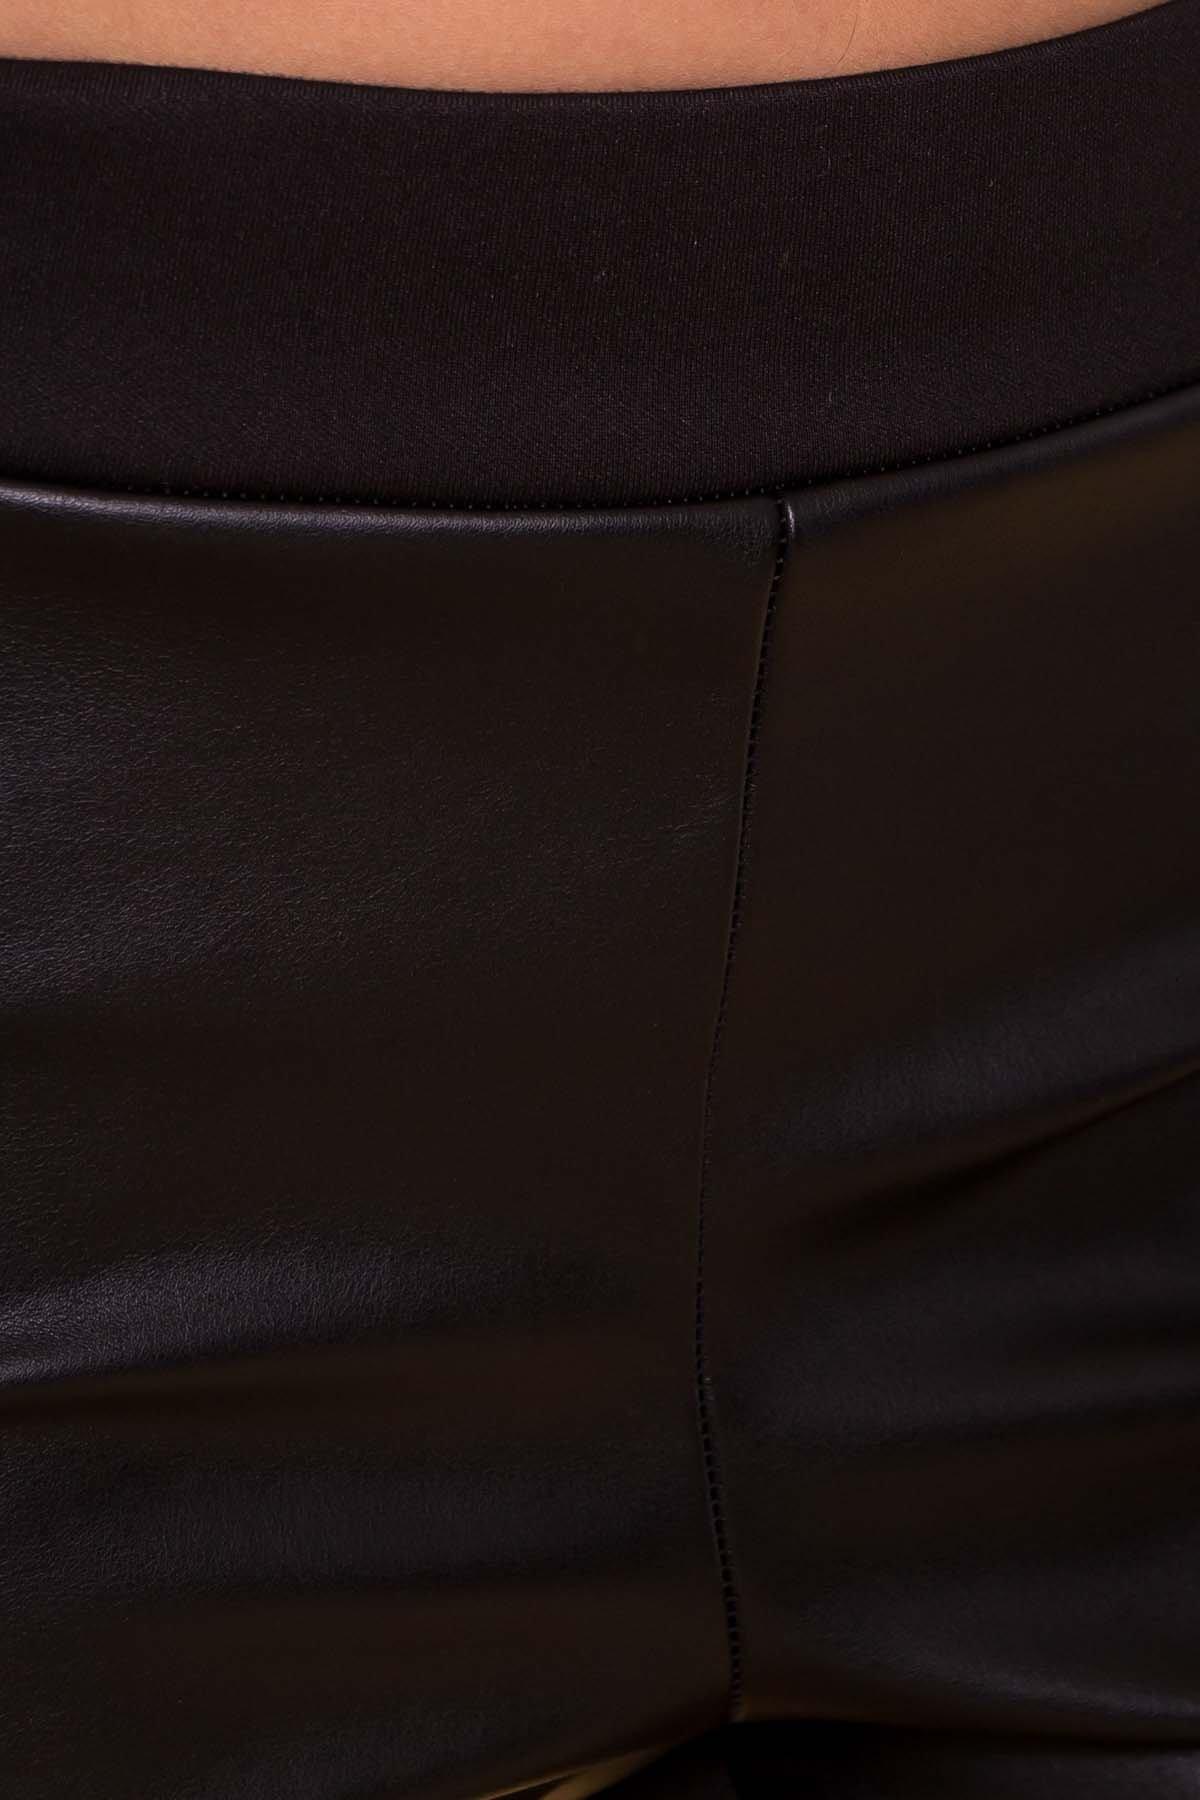 Брюки-лосины эко кожи Дольчи 5968 АРТ. 40528 Цвет: Черный - фото 4, интернет магазин tm-modus.ru